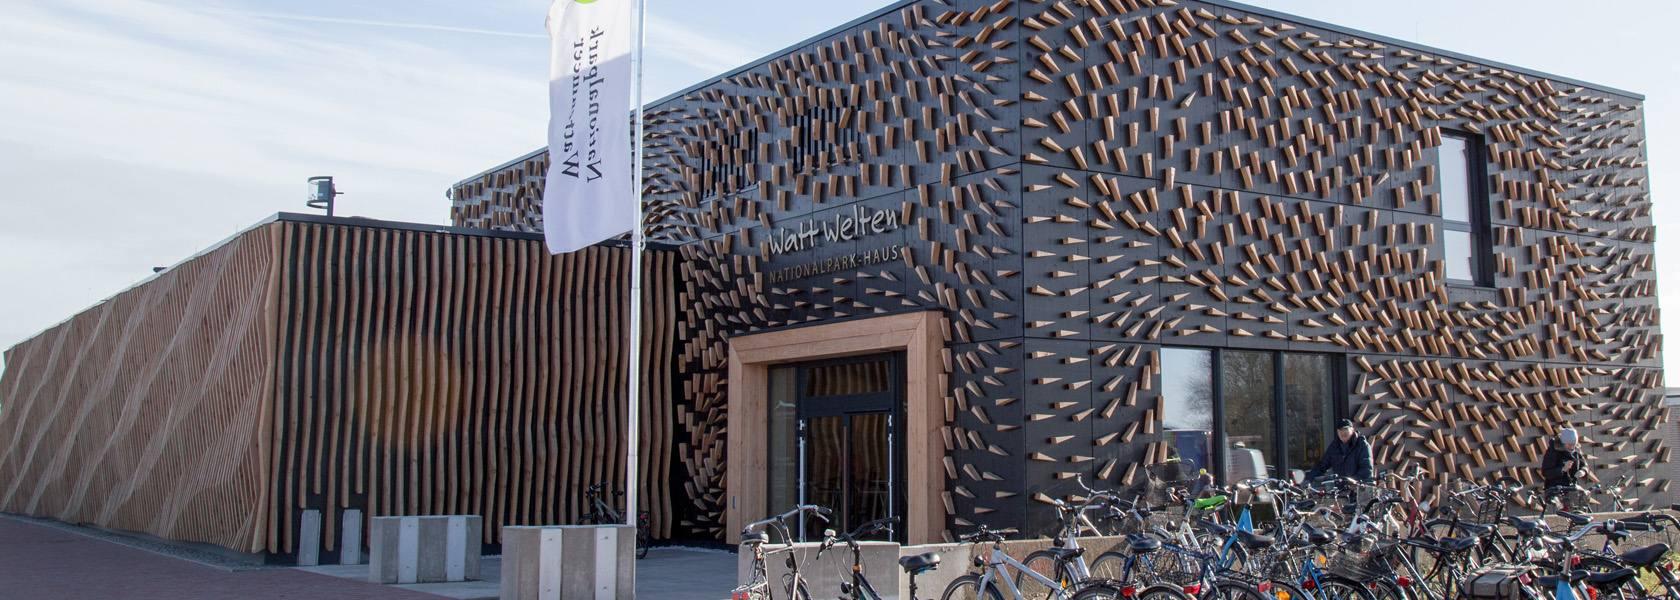 Wattenmeer-Besucherzentrum Norderney, © Watt Welten Norderney